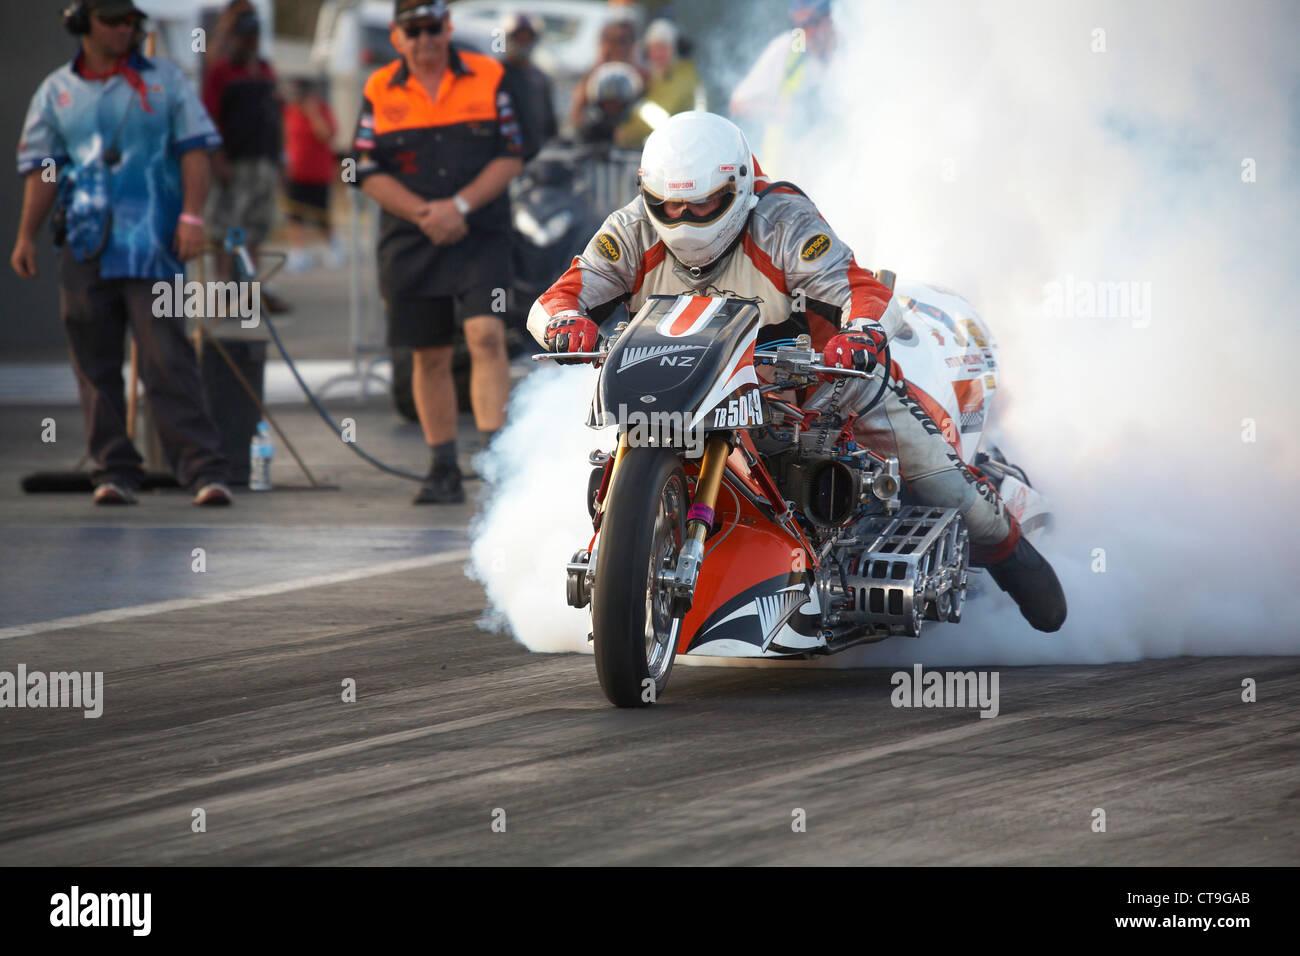 Nouvelle-zélande drag racer moto, Athol WIlliams, effectue un burnout roulant à chauffer le pneu arrière Photo Stock